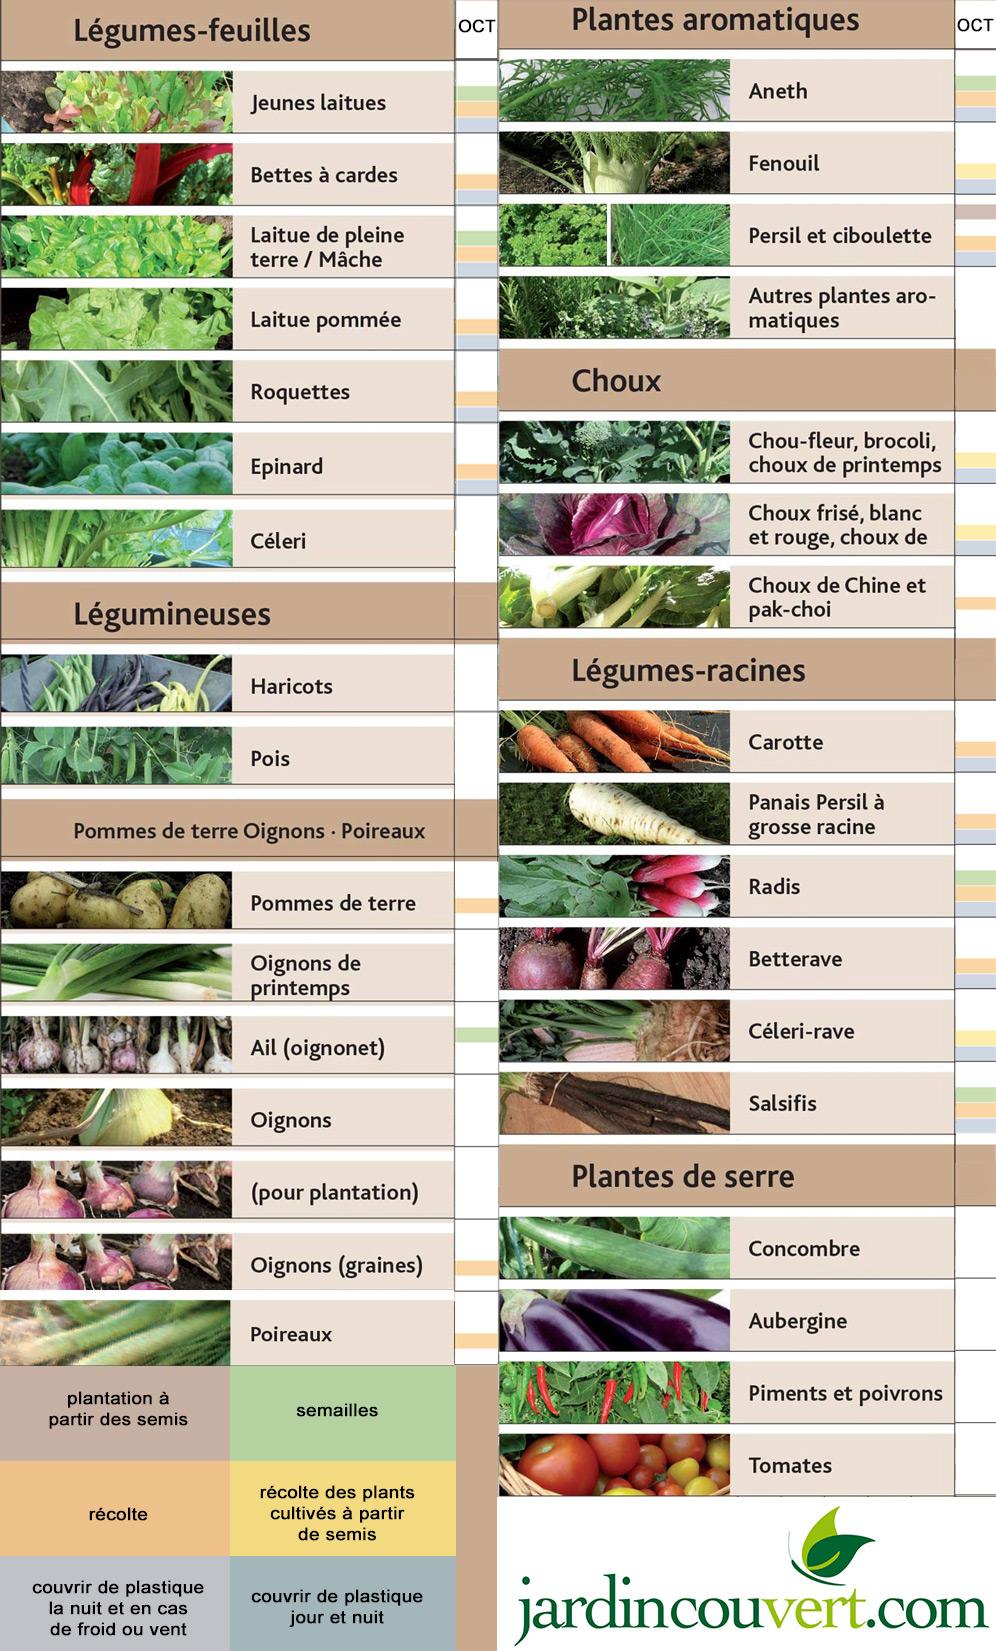 Calendrier de plantations et semis au potager en octobre